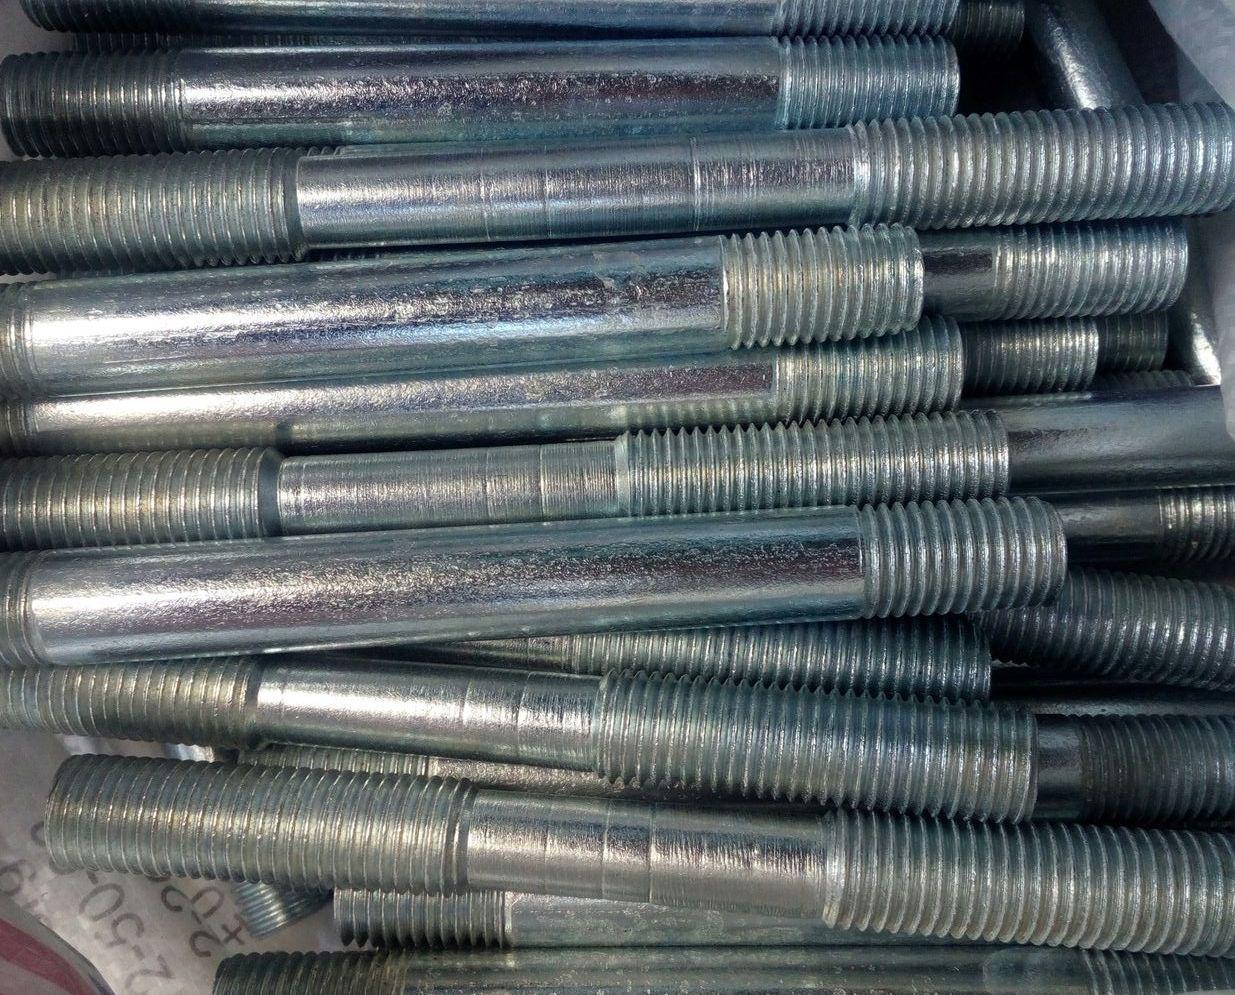 Шпилька М22 ГОСТ 22040-76, ГОСТ 22041-76, DIN 940 с ввинчиваемым концом длиной 2,5d